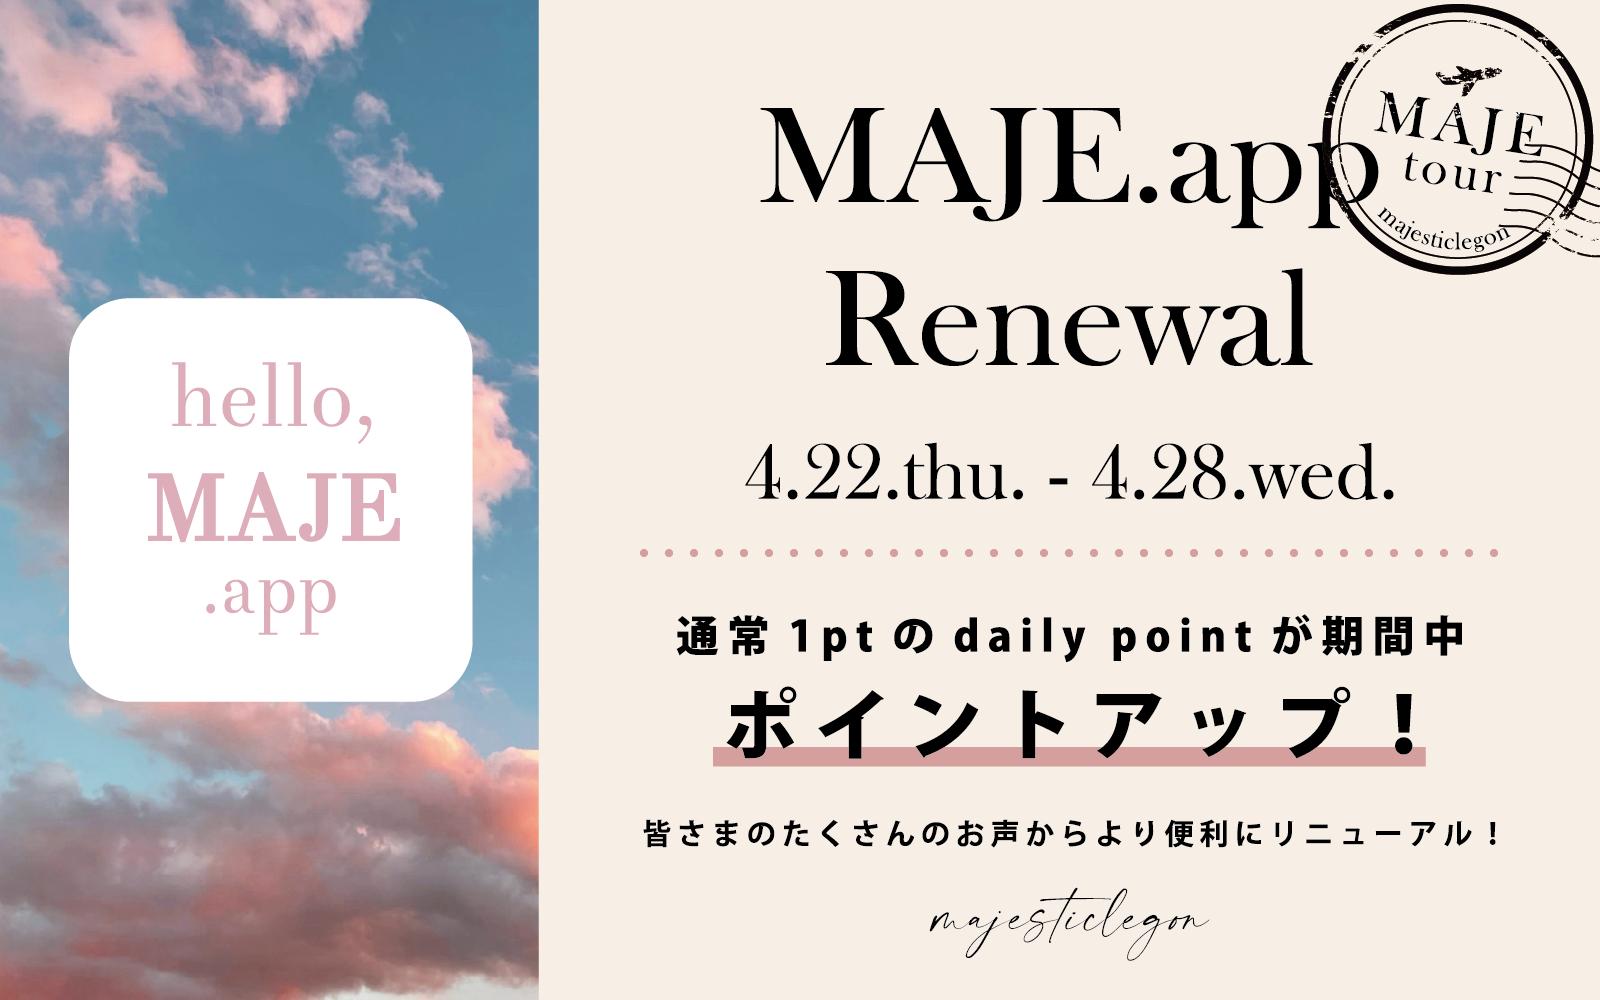 """【MAJE tour】""""MAJE.app""""リニューアルキャンペーン"""